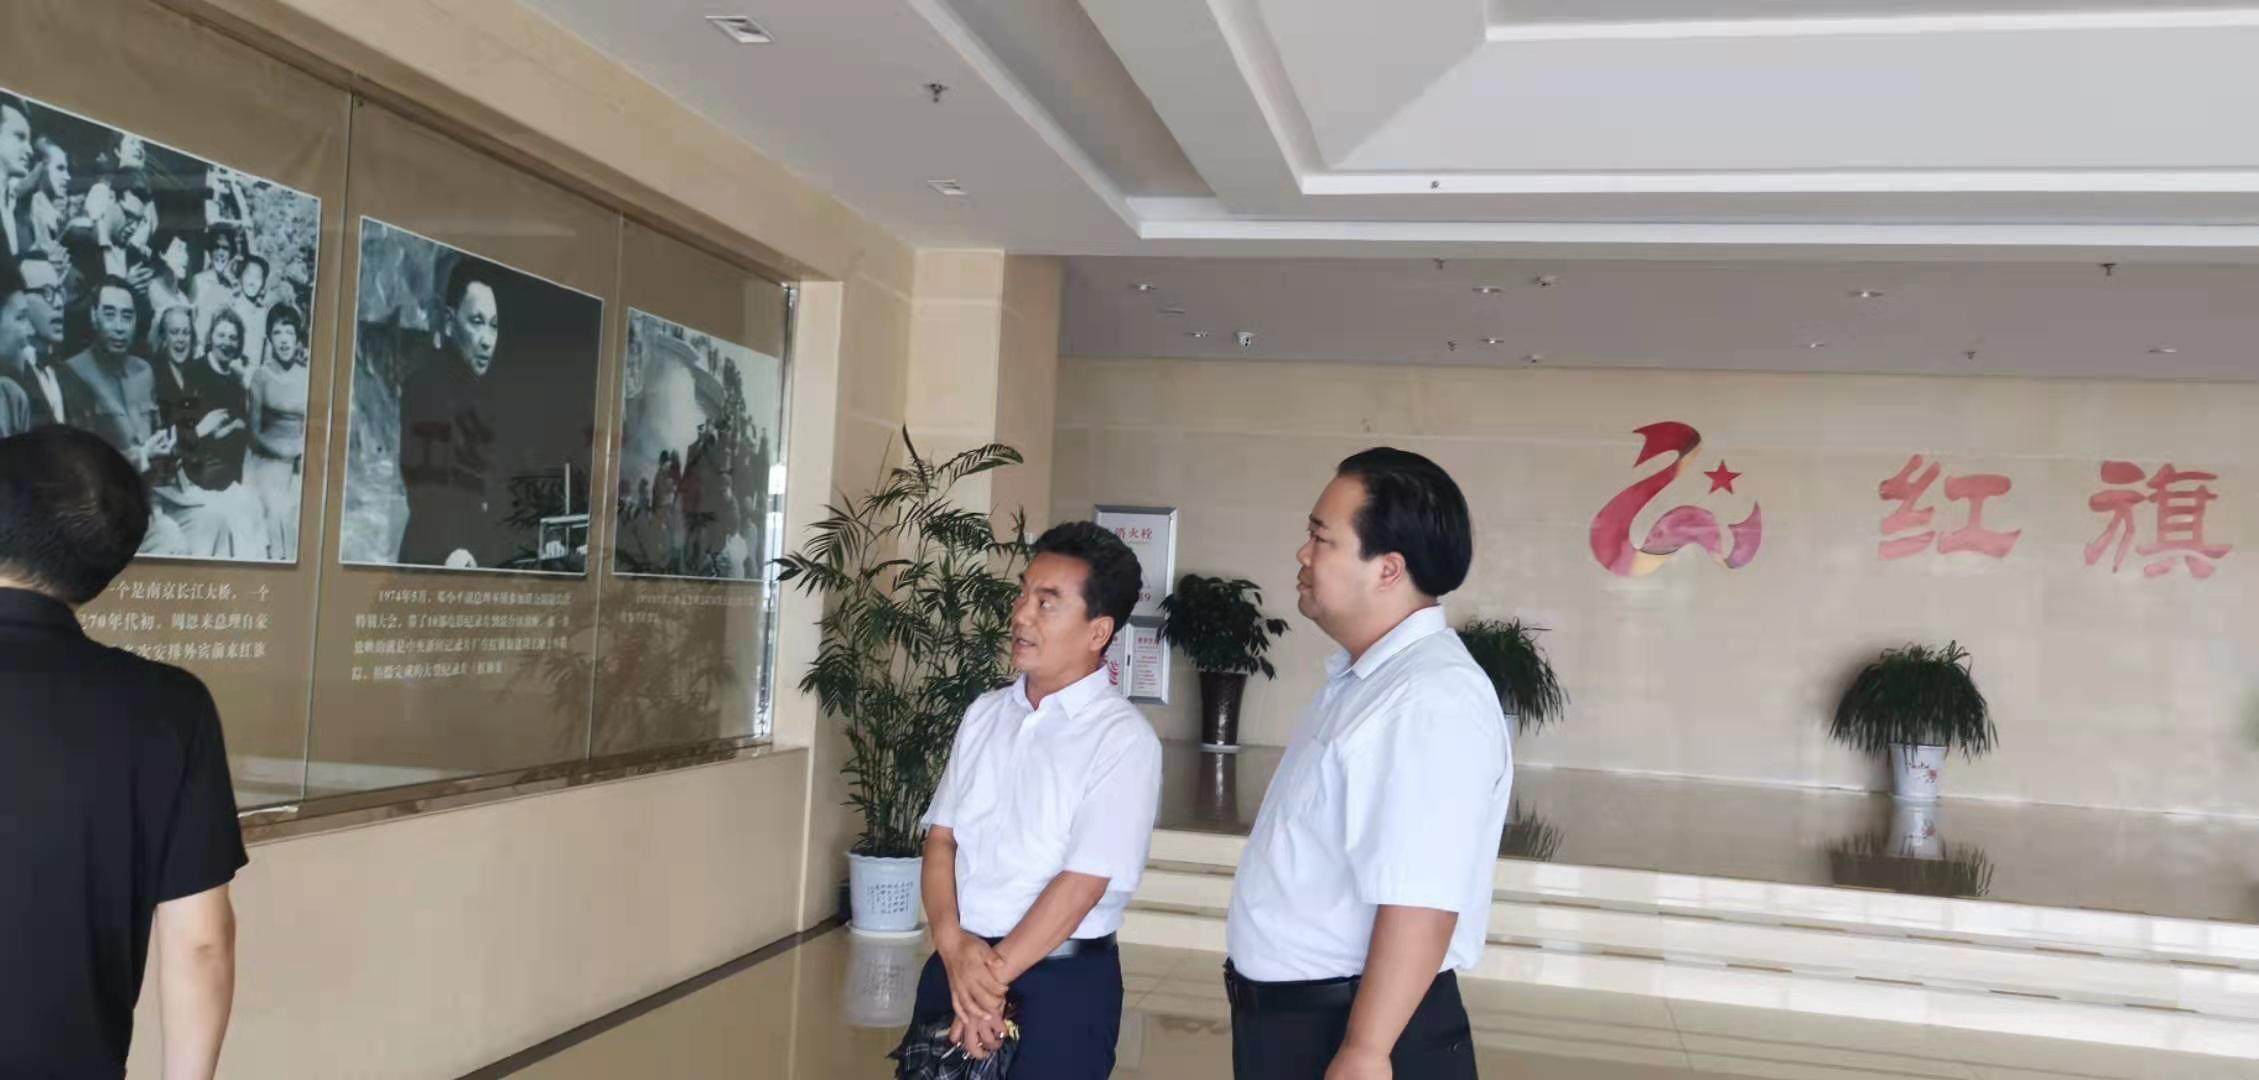 中健昱昇教育科技集团林州市项目考察